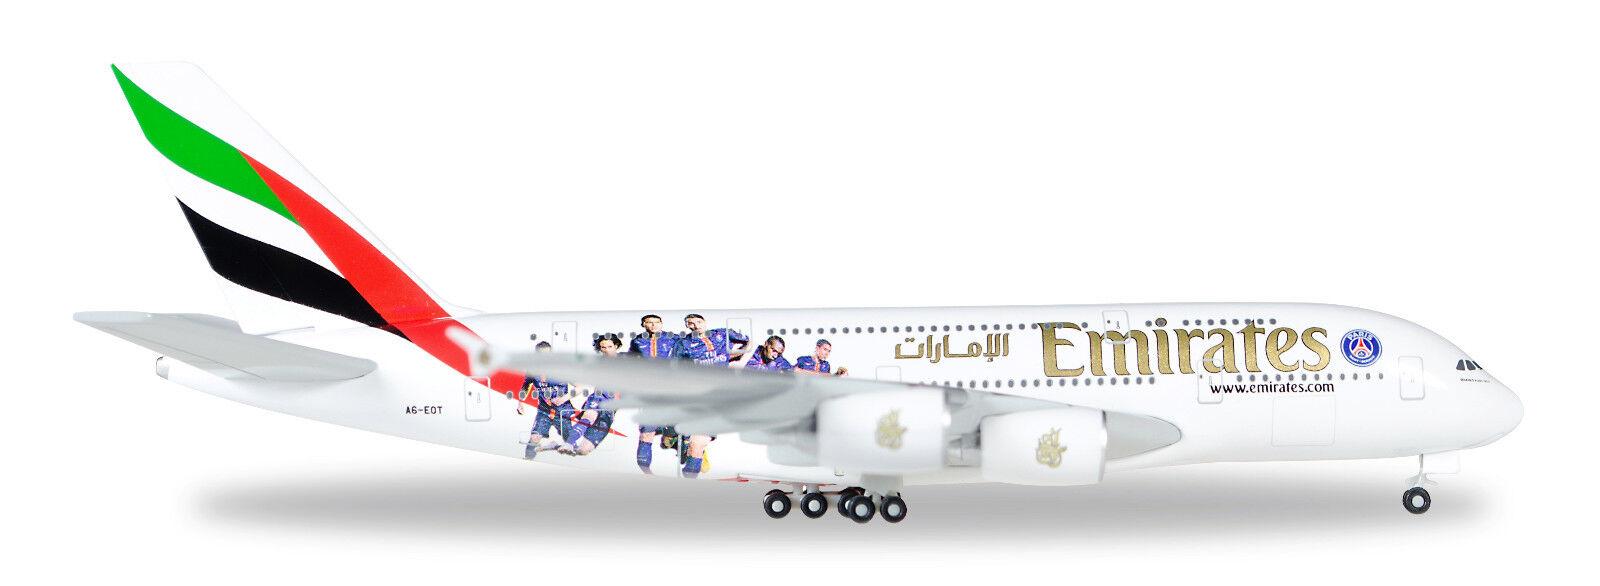 Herpa 529240 airbus a380 - 800 emiirates verordn.a6-eot 1  500 nuevo